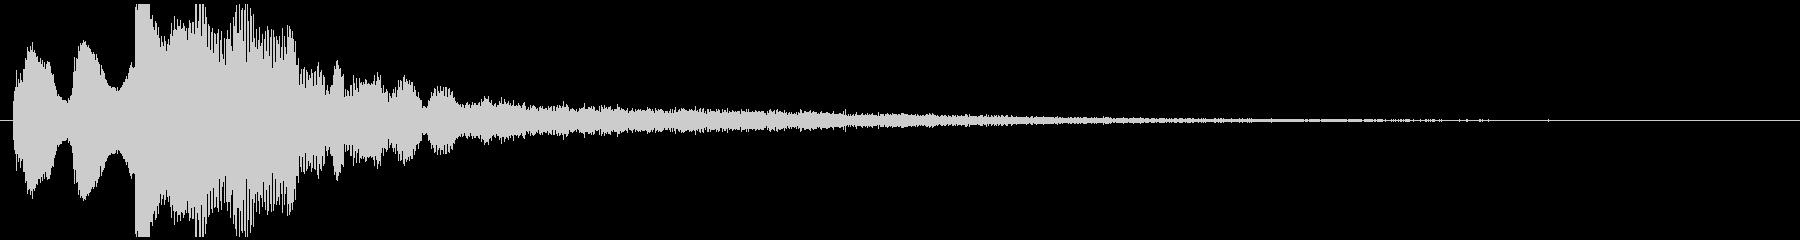 起動音 シンプル クール システムオン2の未再生の波形